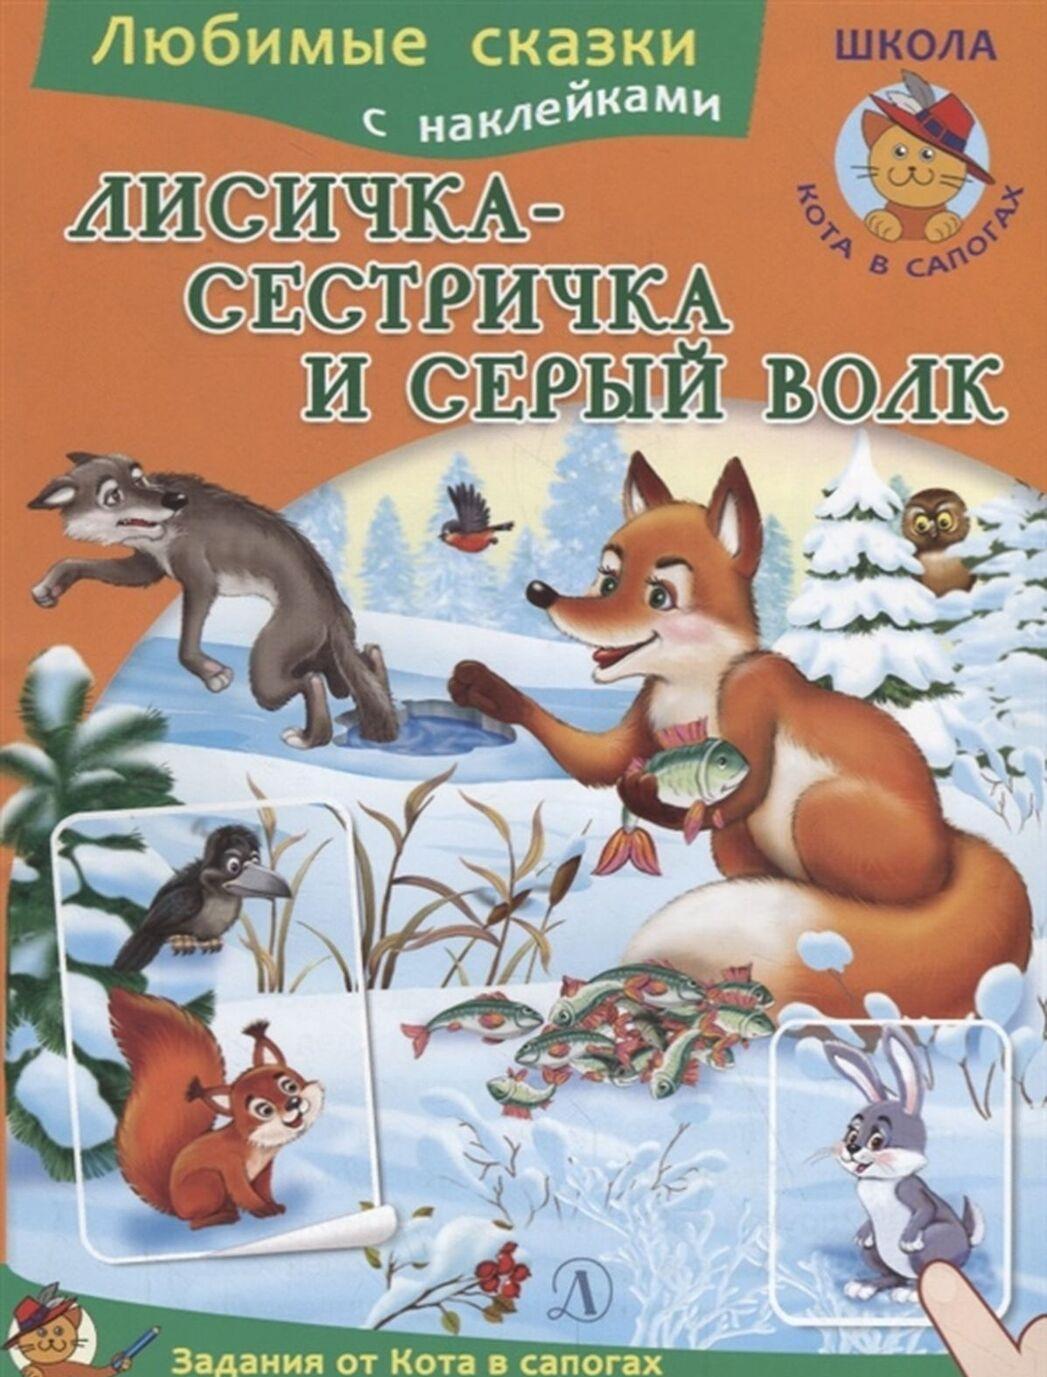 Lisichka-sestrichka i seryj volk